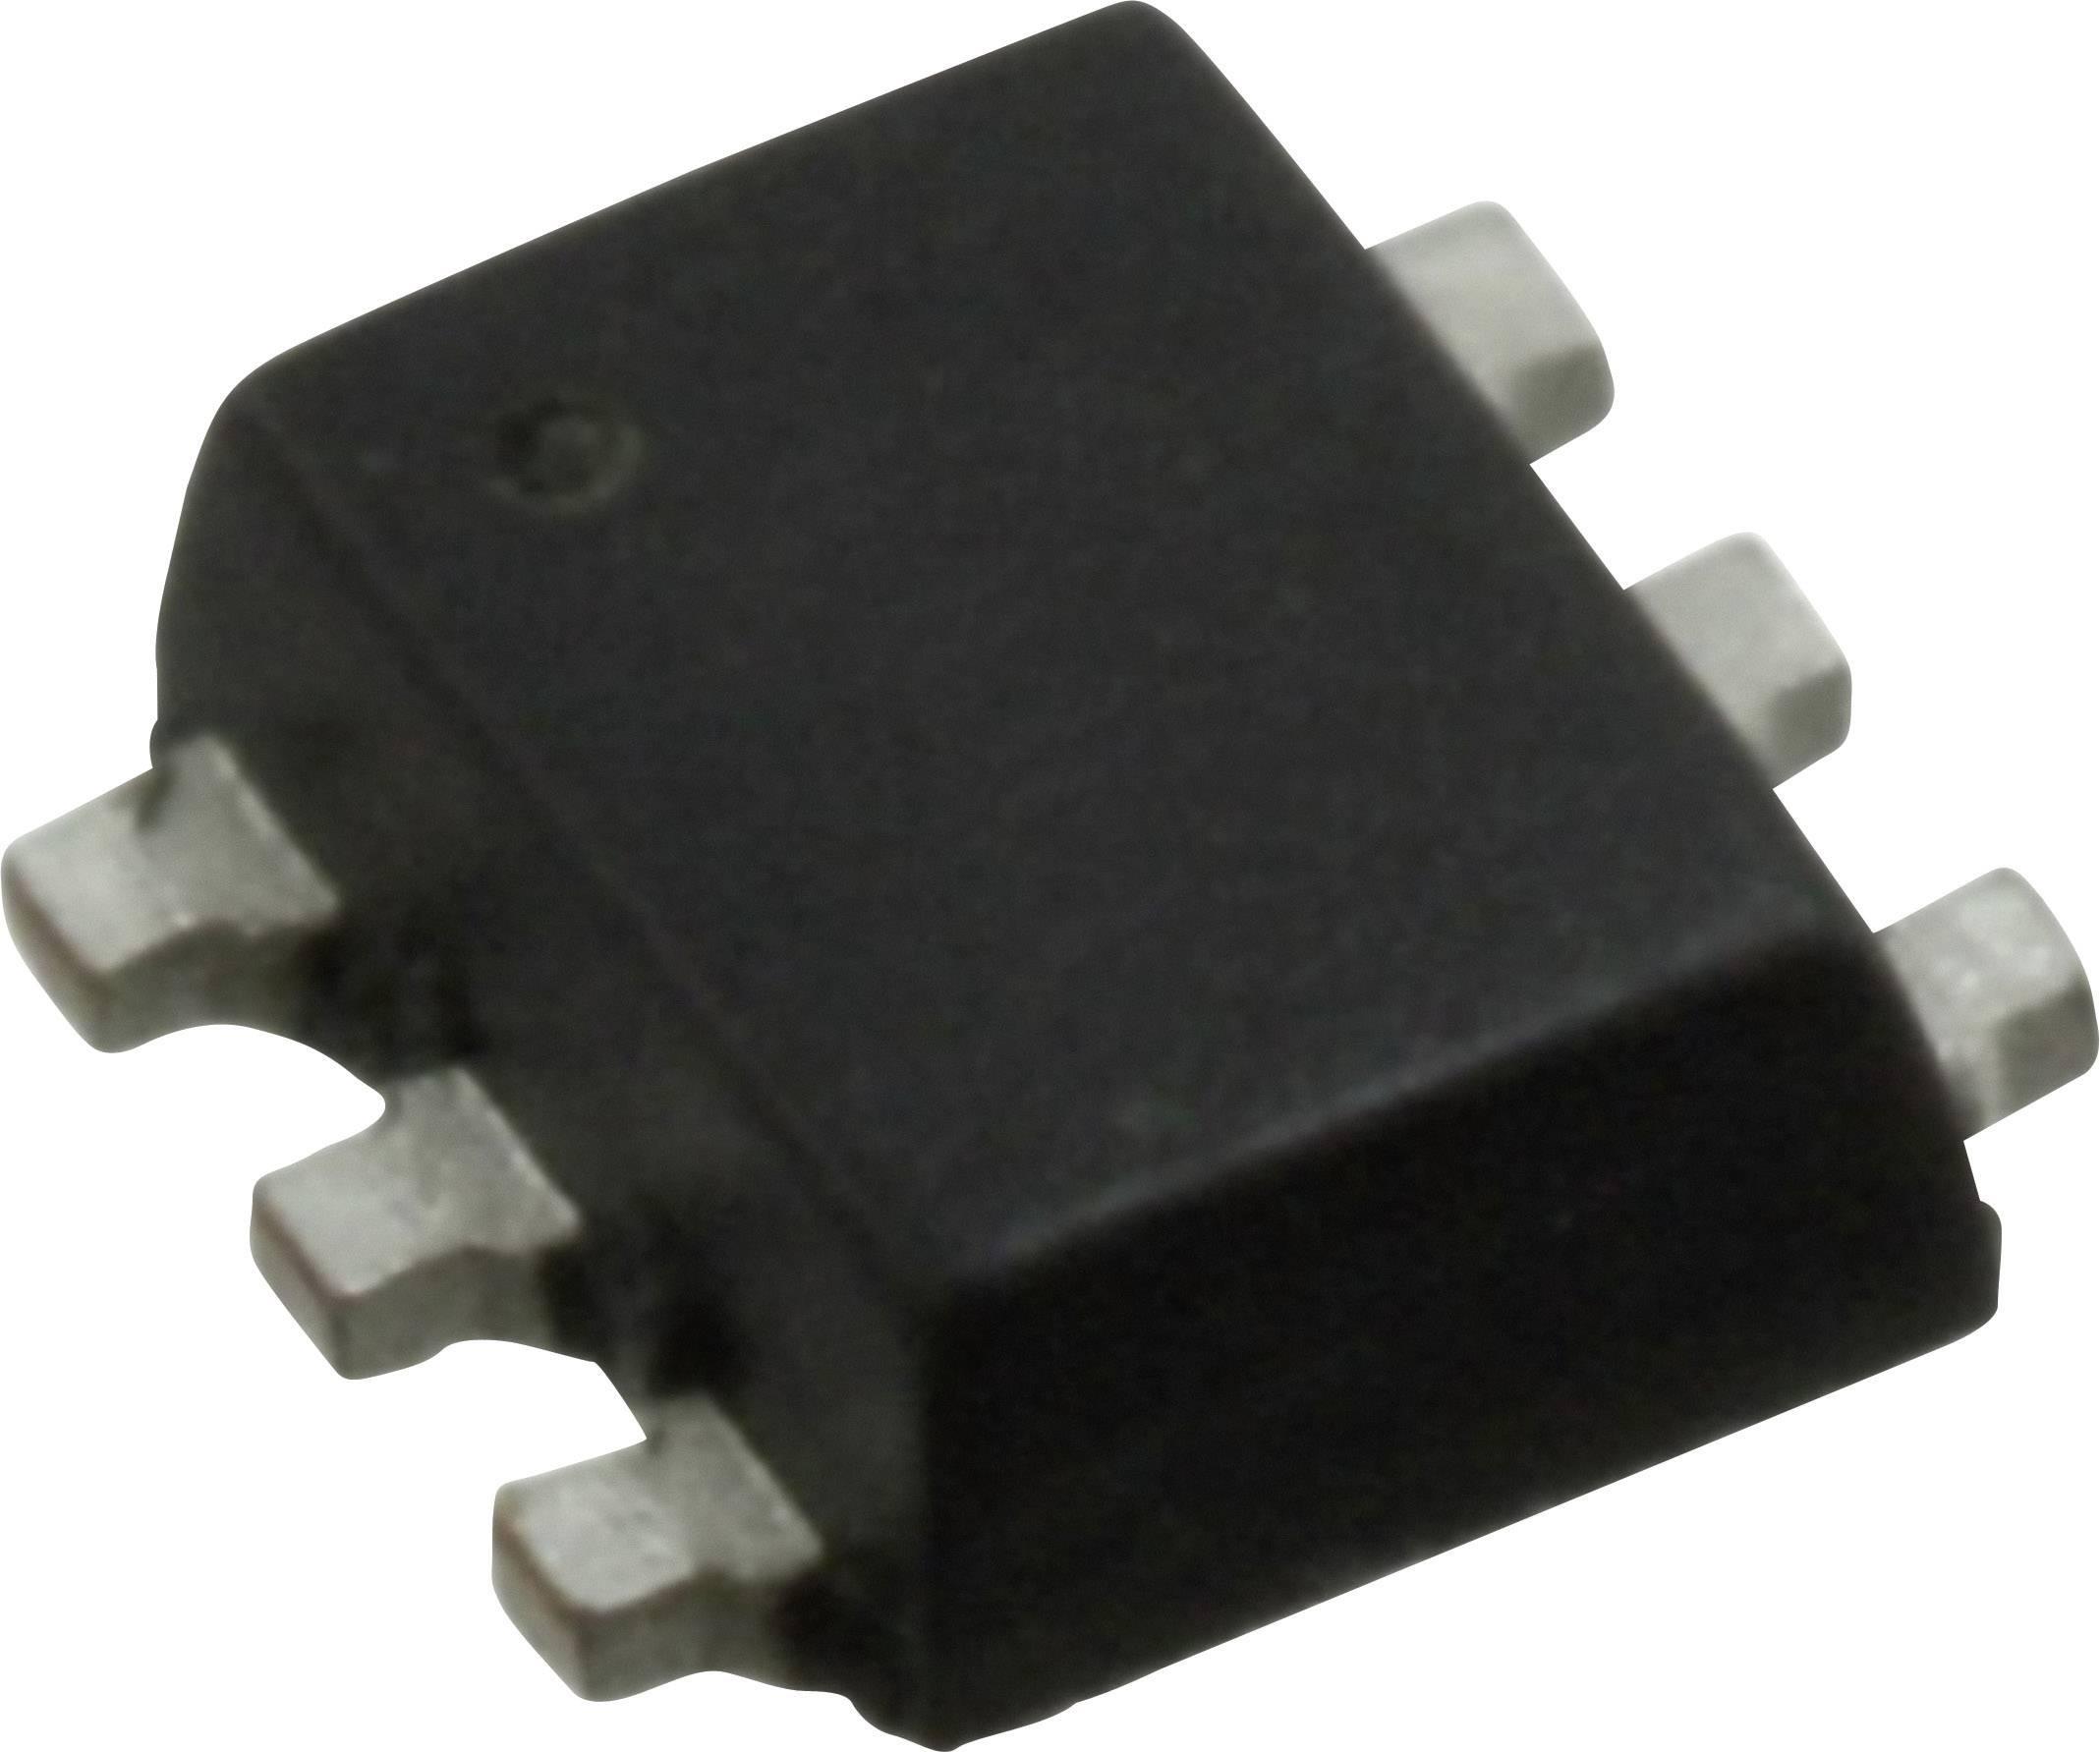 Tranzistor MOSFET Nexperia NX1029X,115, 1 N-kanál, P-kanál, 500 mW, SOT-666